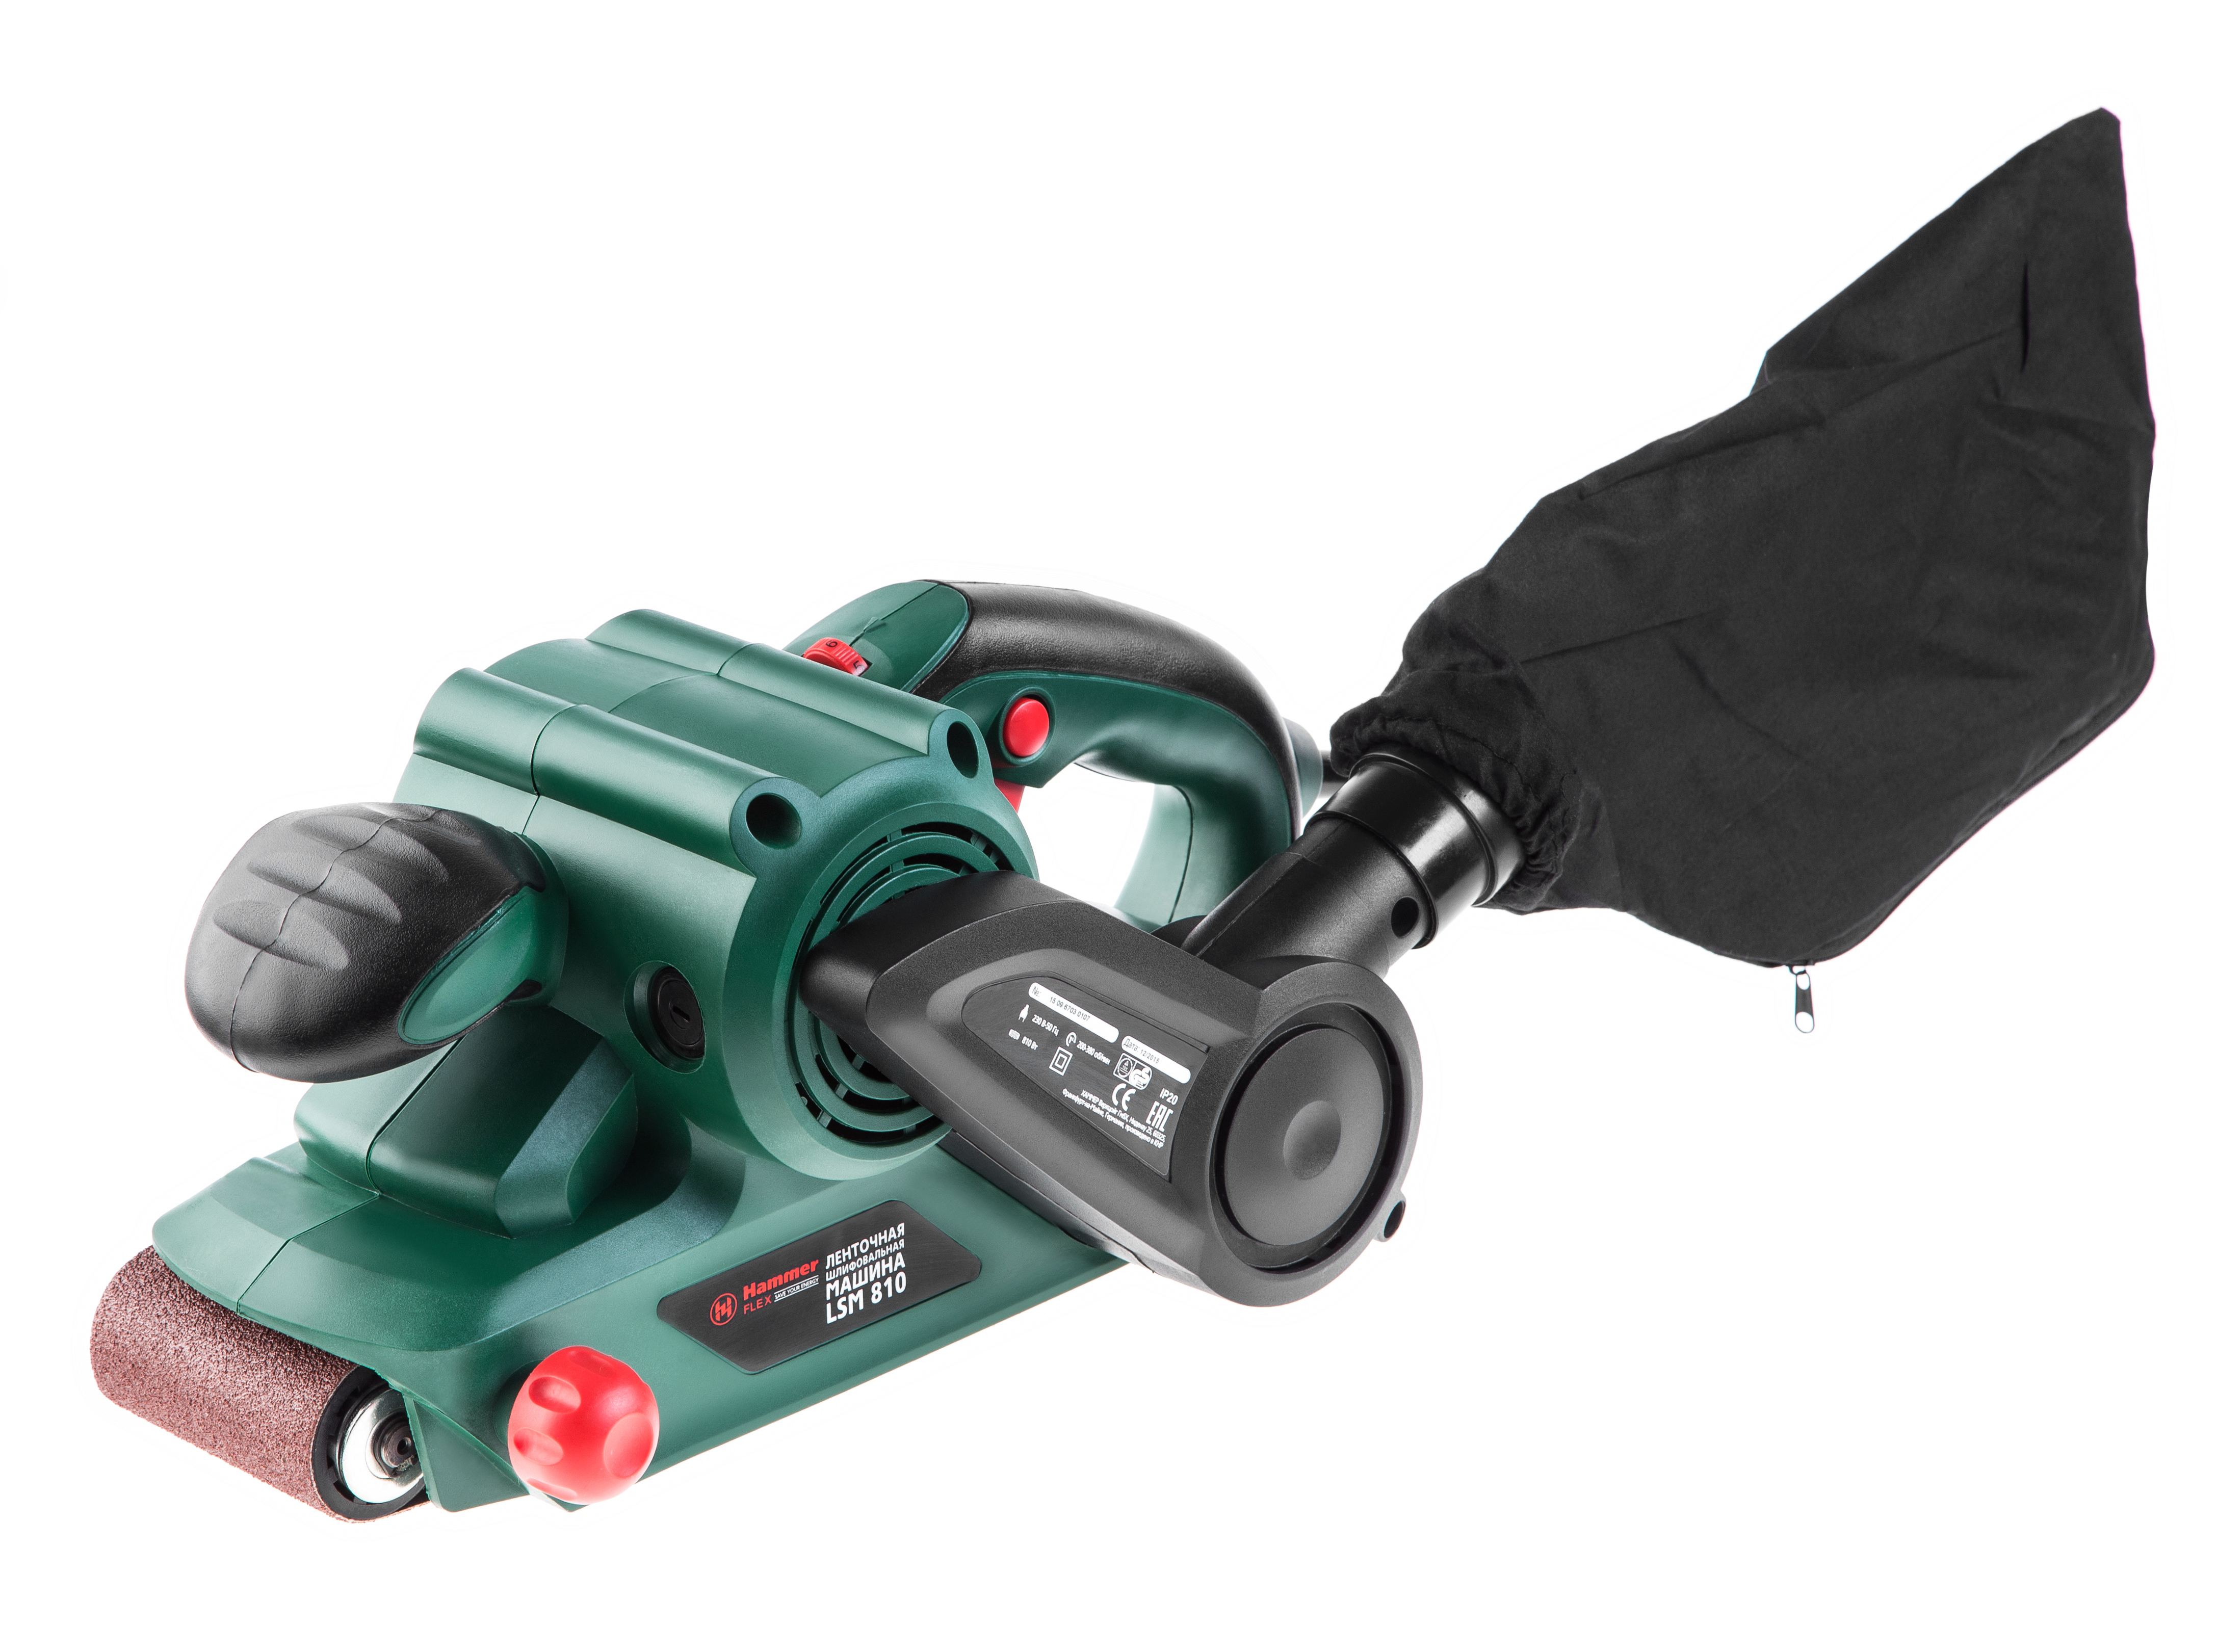 Машинка шлифовальная ленточная Hammer Lsm810 ленточная шлифмашина hammer lsm810